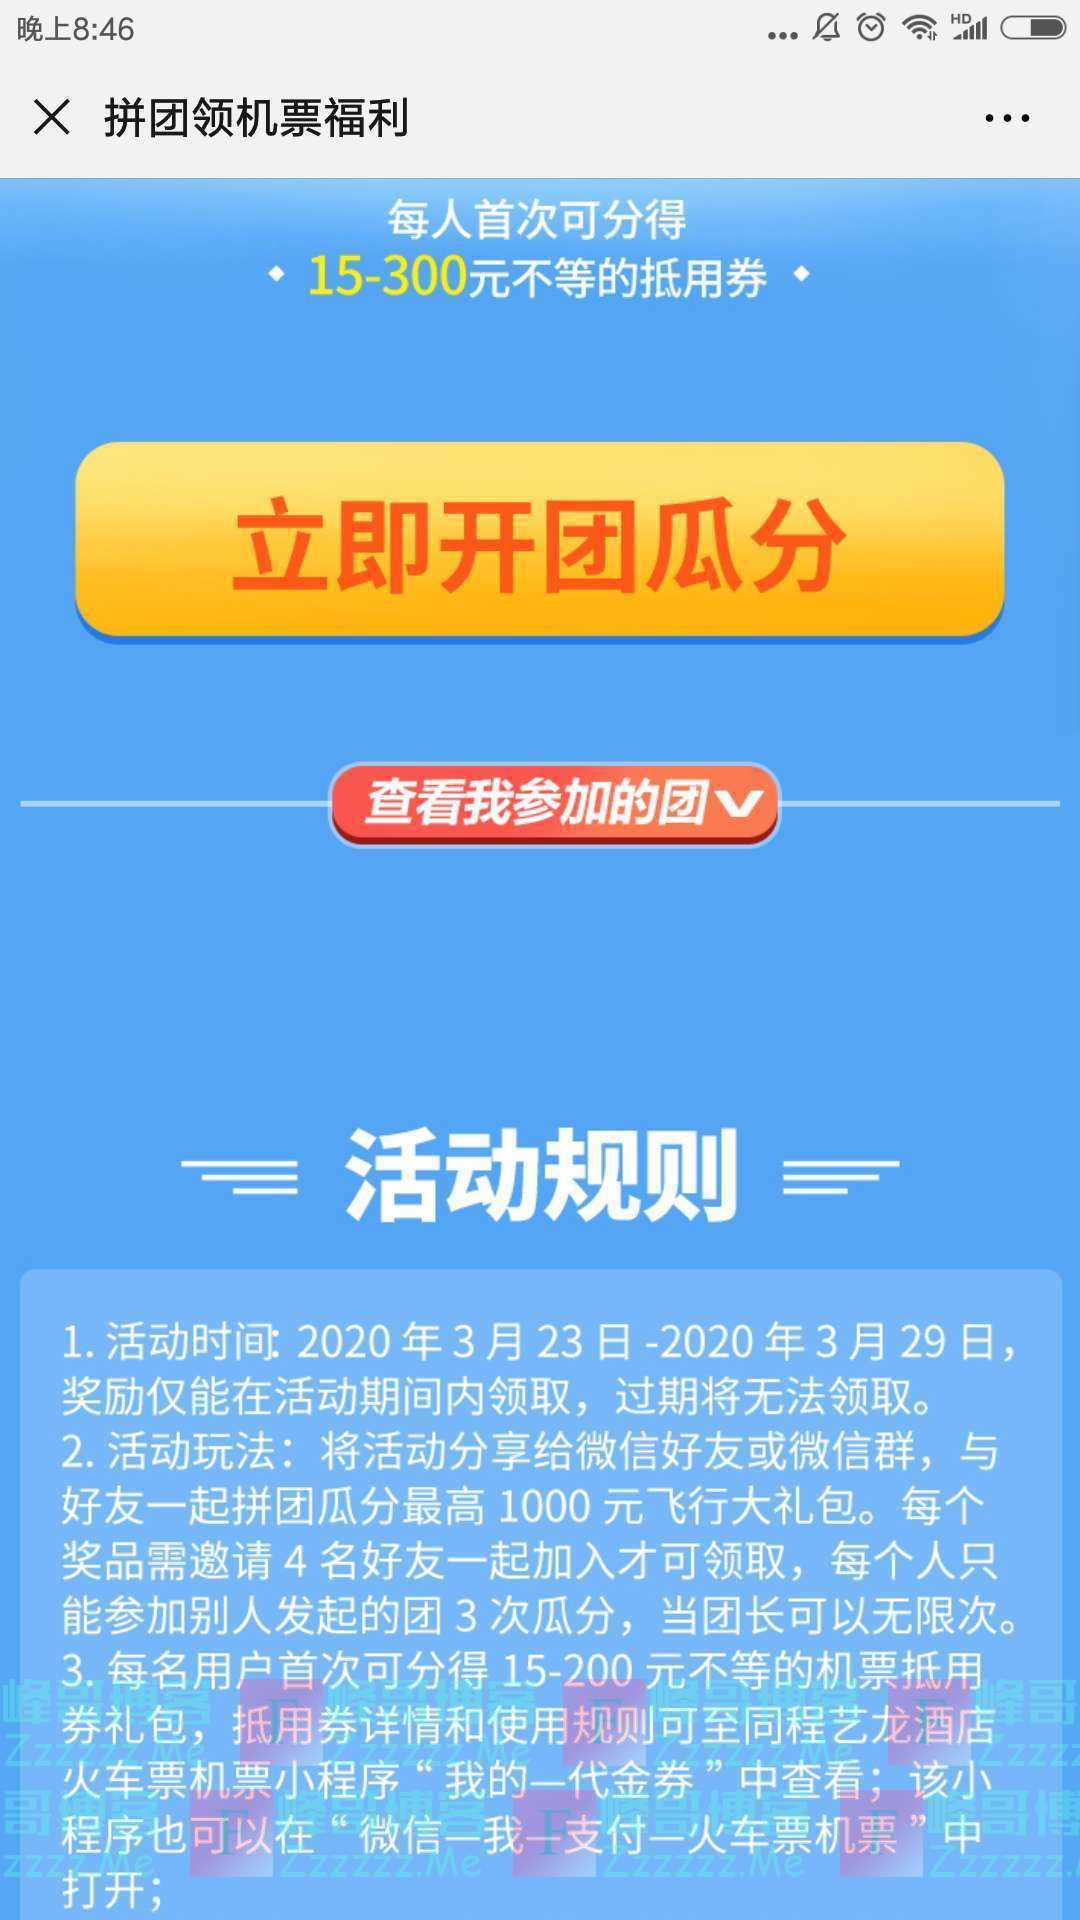 同程机票拼团领机票福利(截止3月29日)